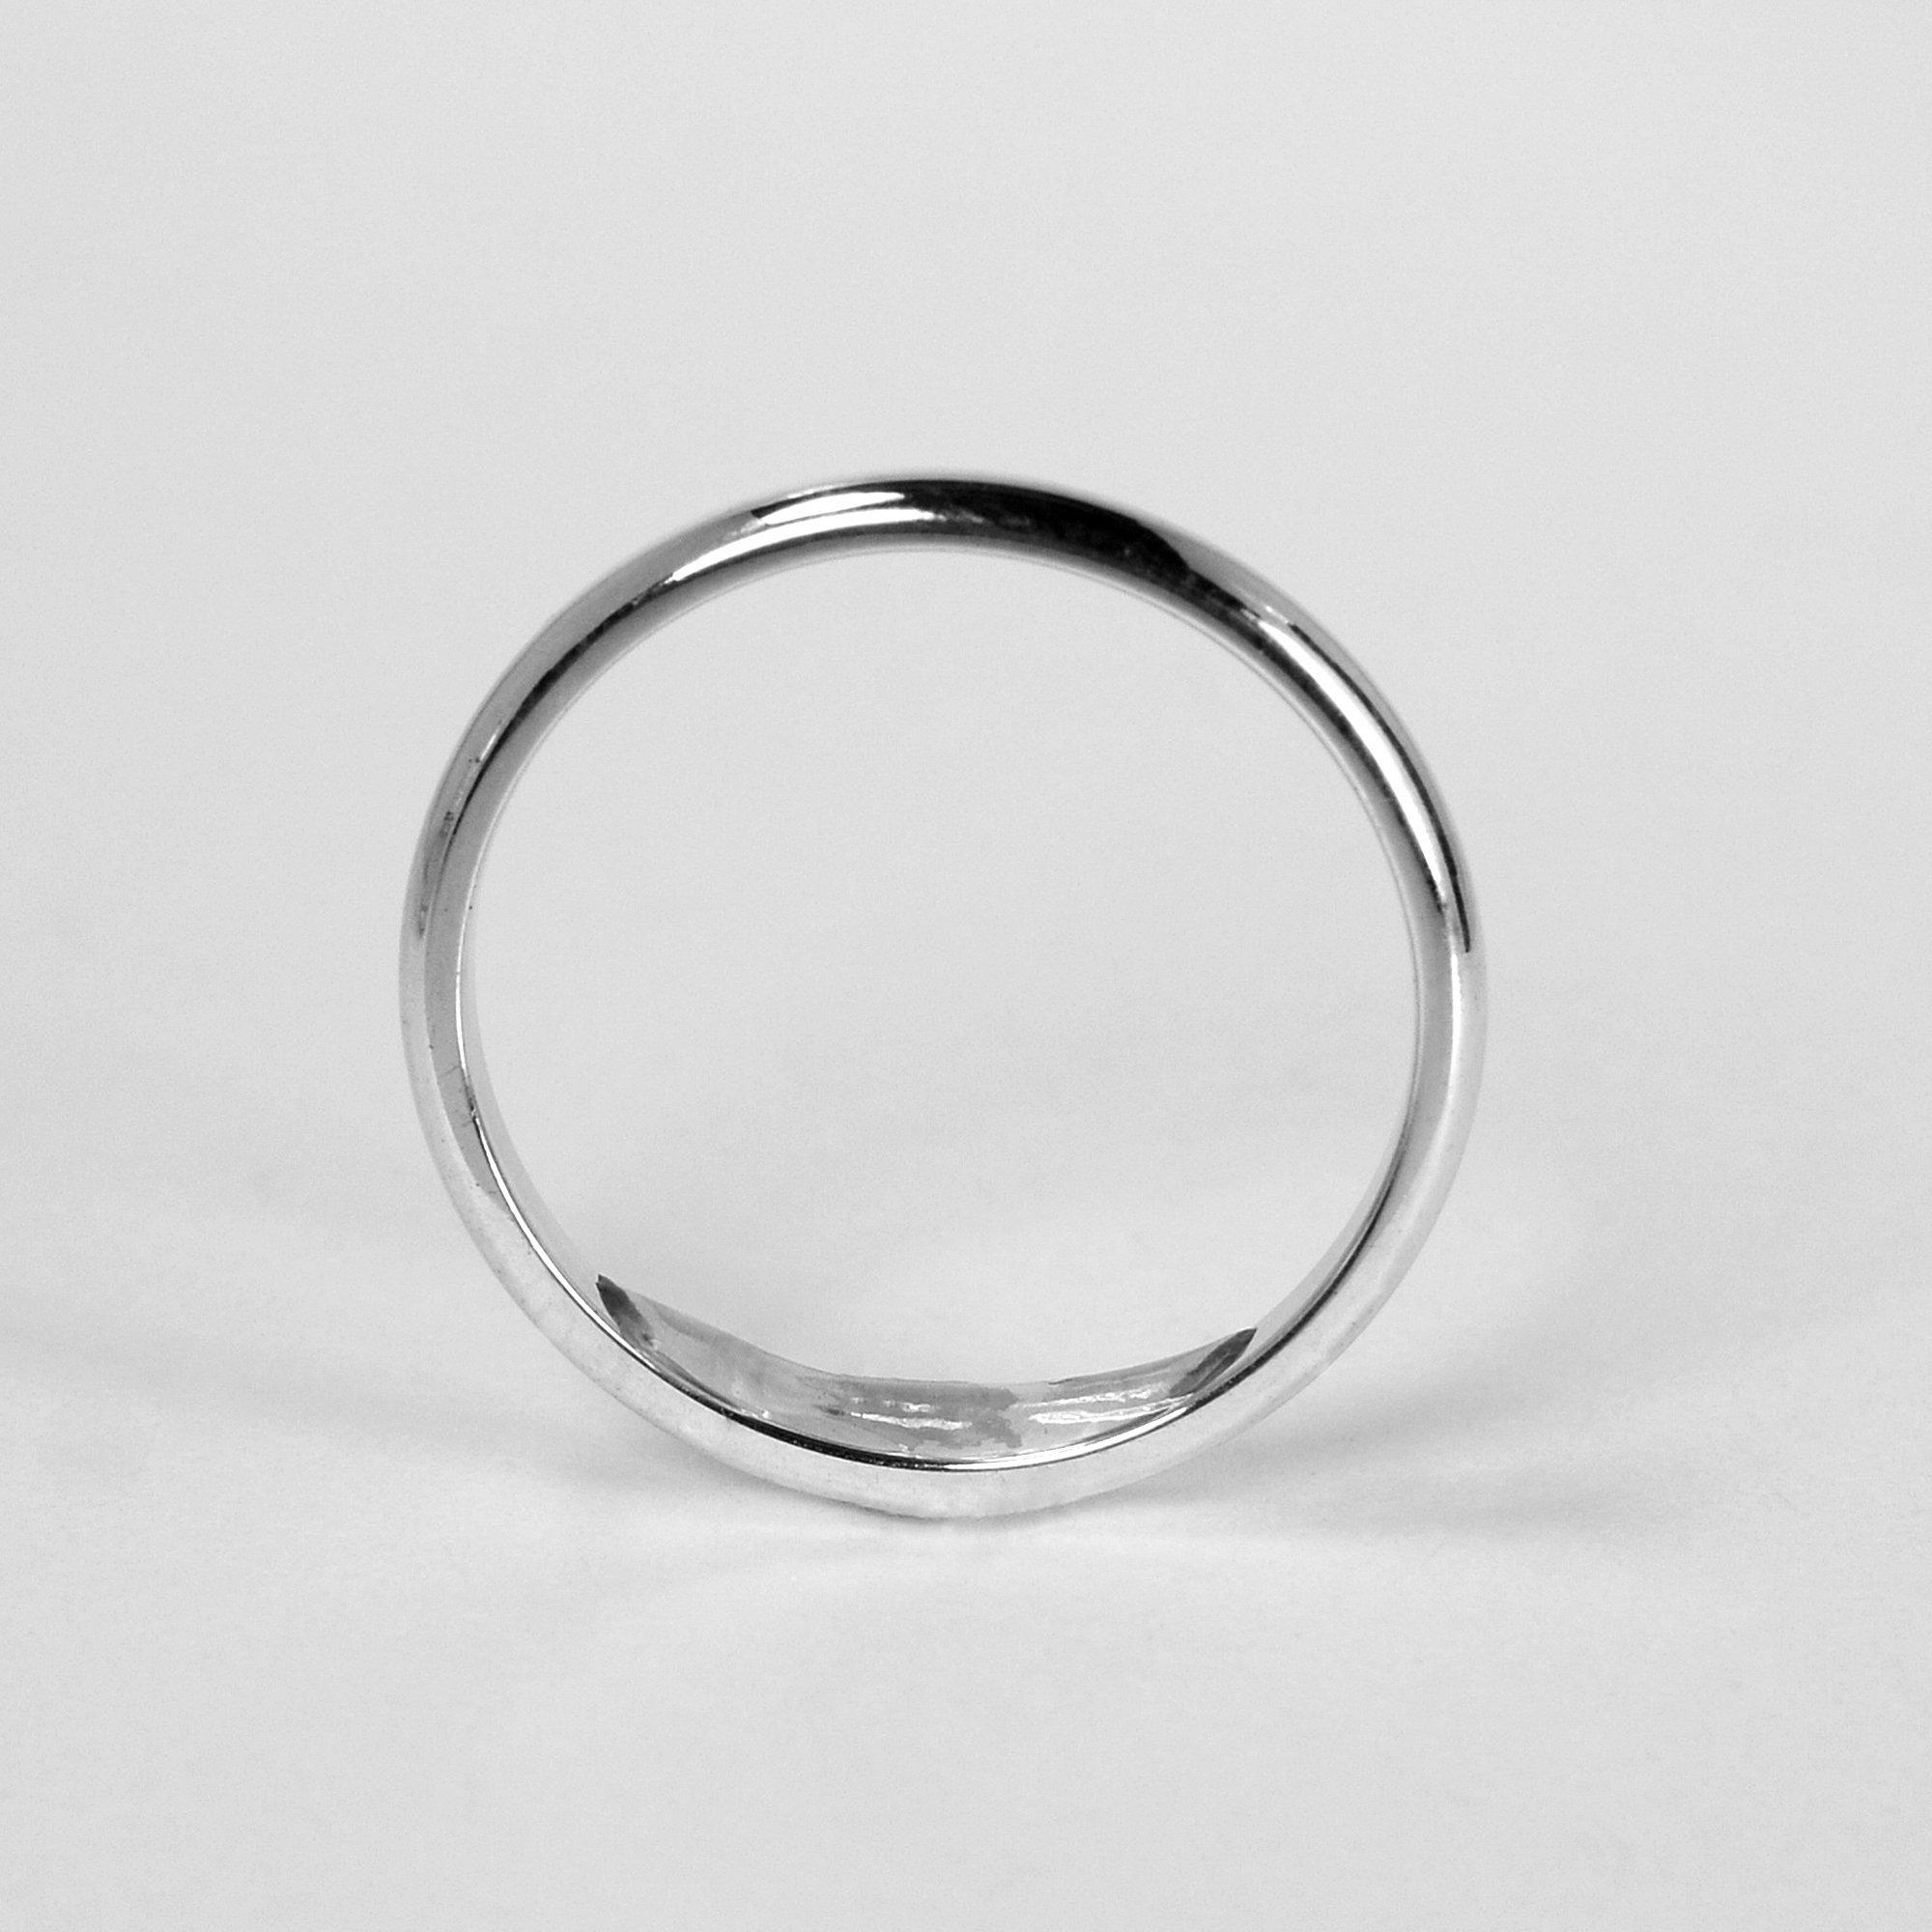 Galleon ringshrinker ring size adjuster ring size - Reducteur de bague ...